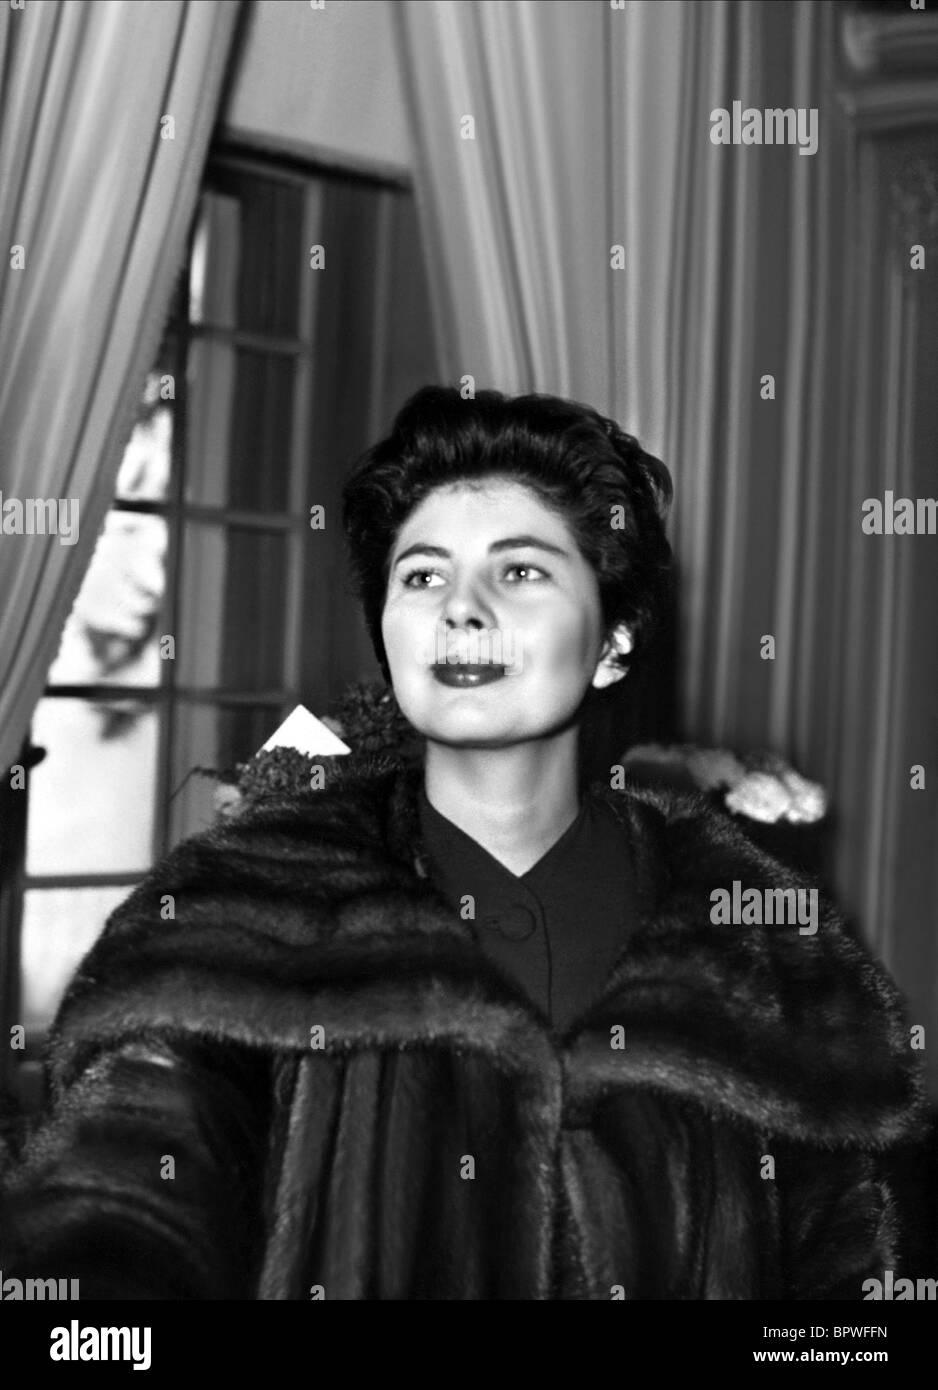 SORAYA ESFANDIARY-BAKHTIARI QUEEN CONSORT OF SHAH OF IRAN 01 June 1960 - Stock Image